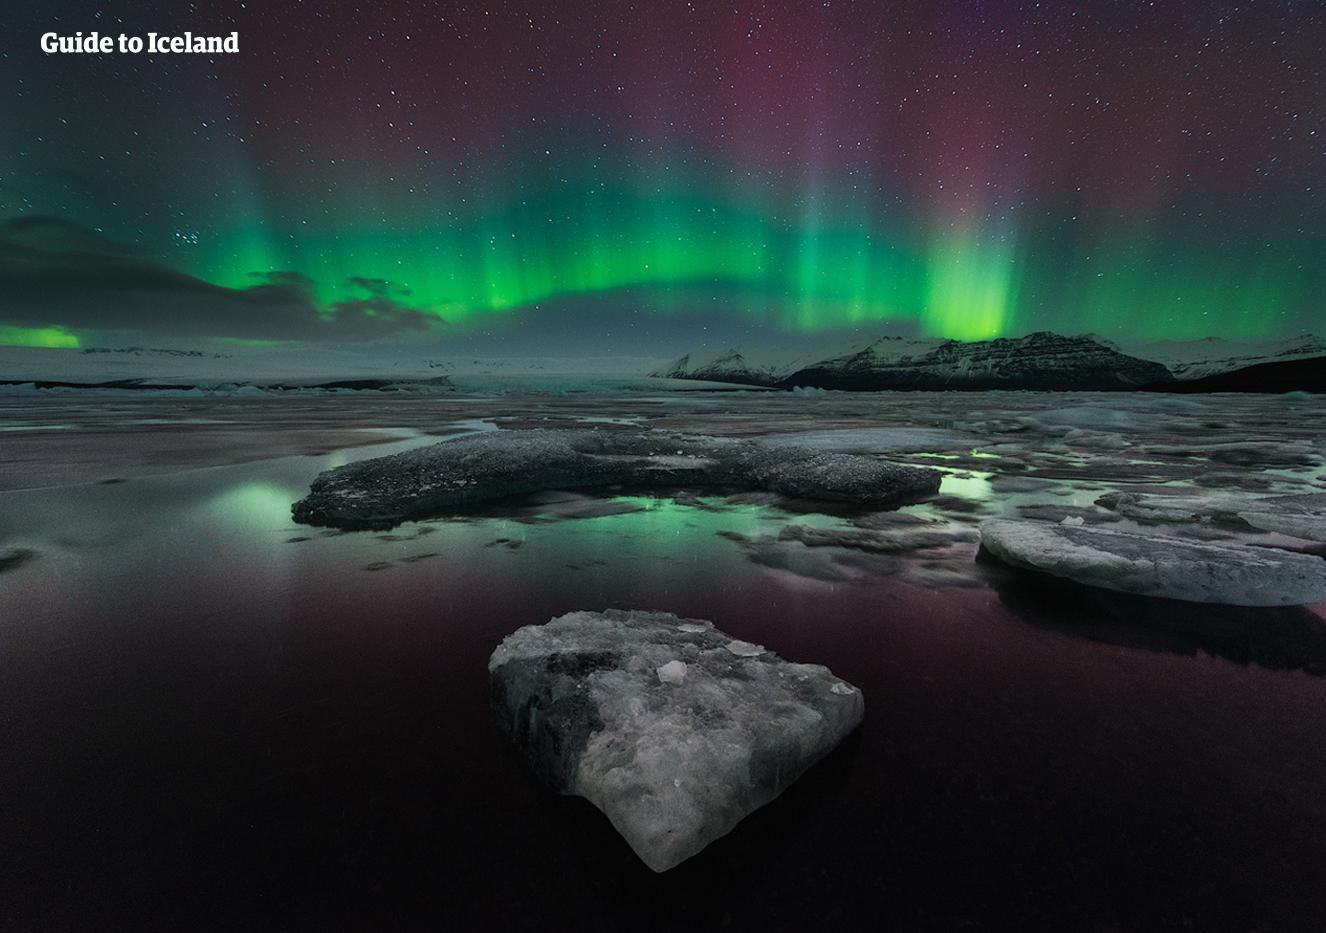 Die grün, violett und rosafarbenen Nordlichter tanzen über der Gletscherlagune Jökulsarlon.